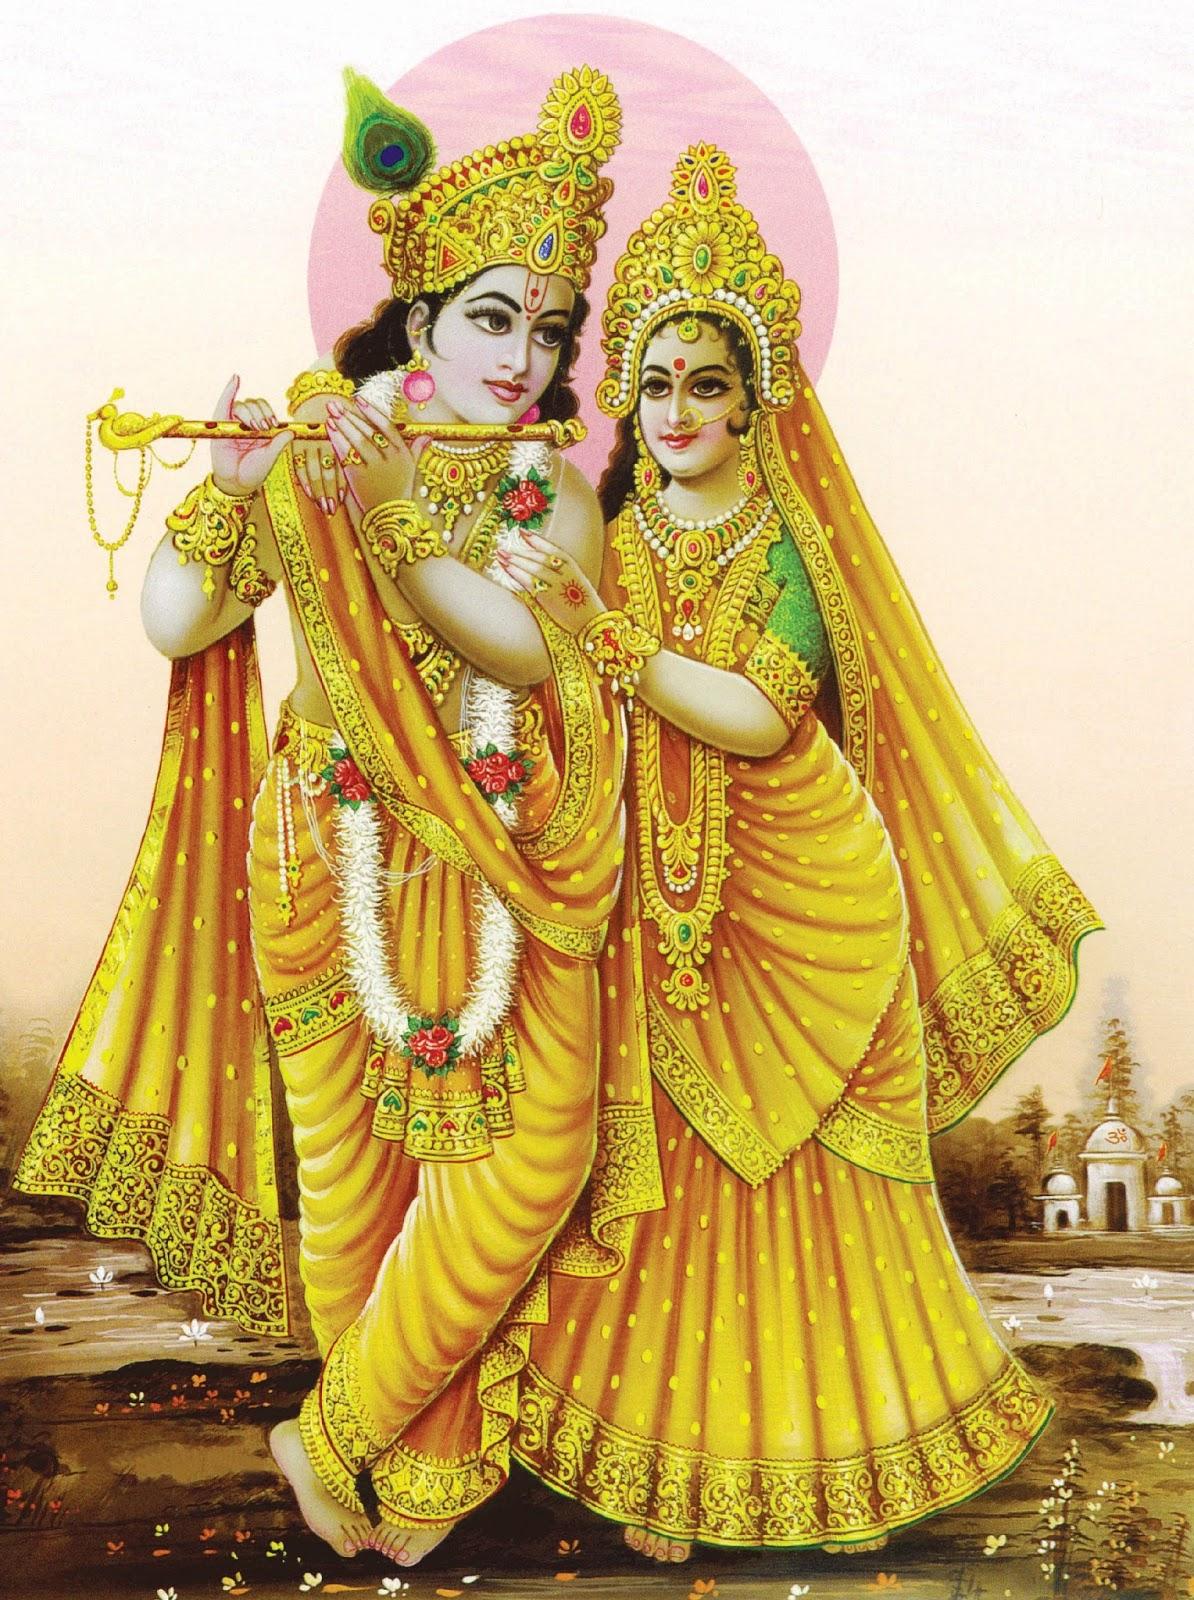 Shri radha krishna ji god photos full big collection god wallpaper - Radhe krishna image ...